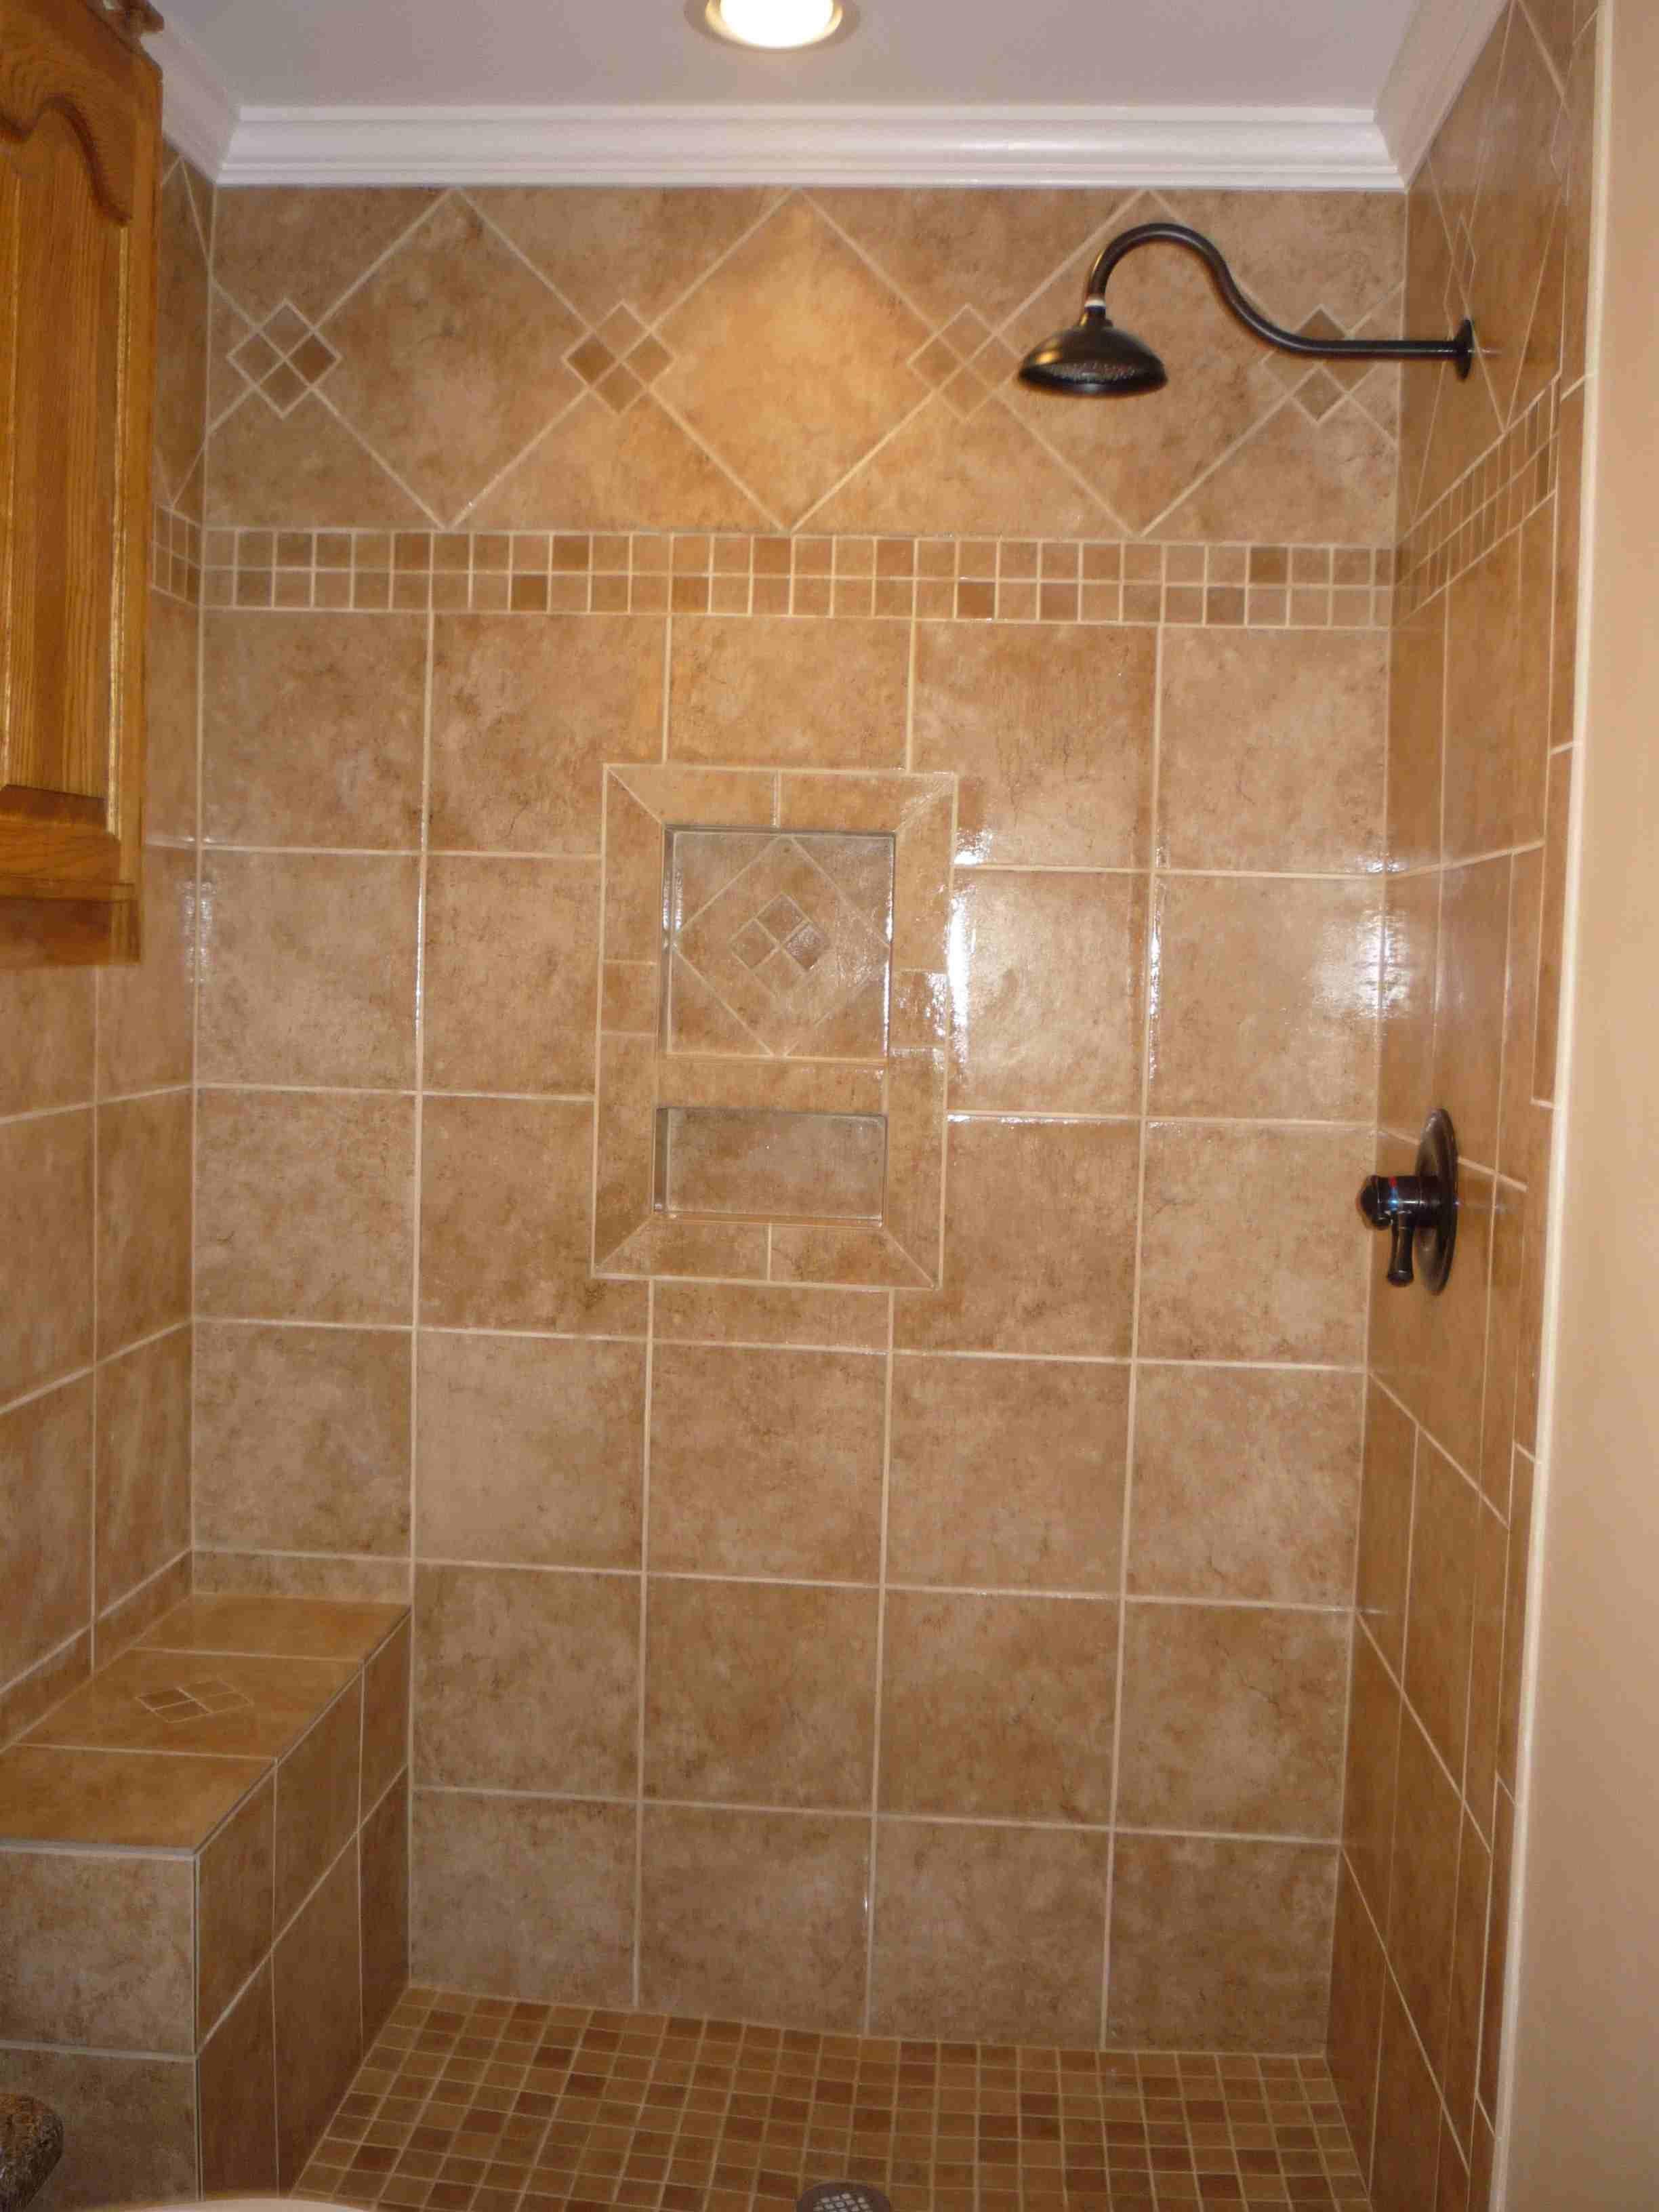 Bathroom Remodeling Ideas On a Budget | bathroom-designs-bathroom ...